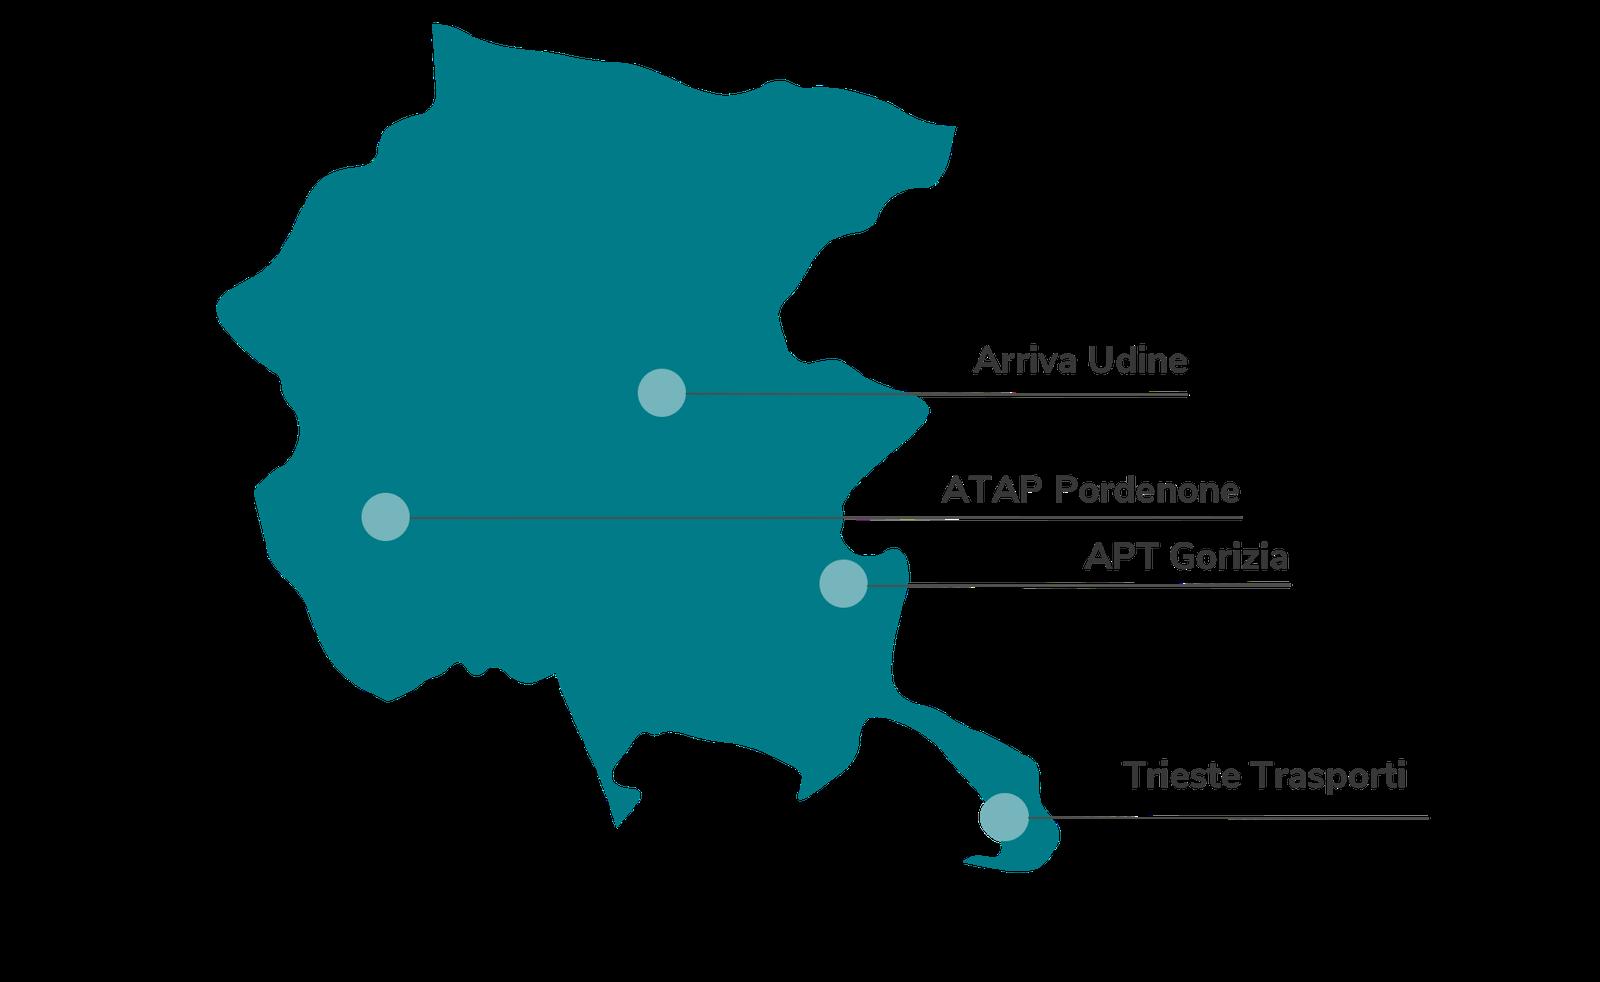 Aziende consorziate - TPL FVG